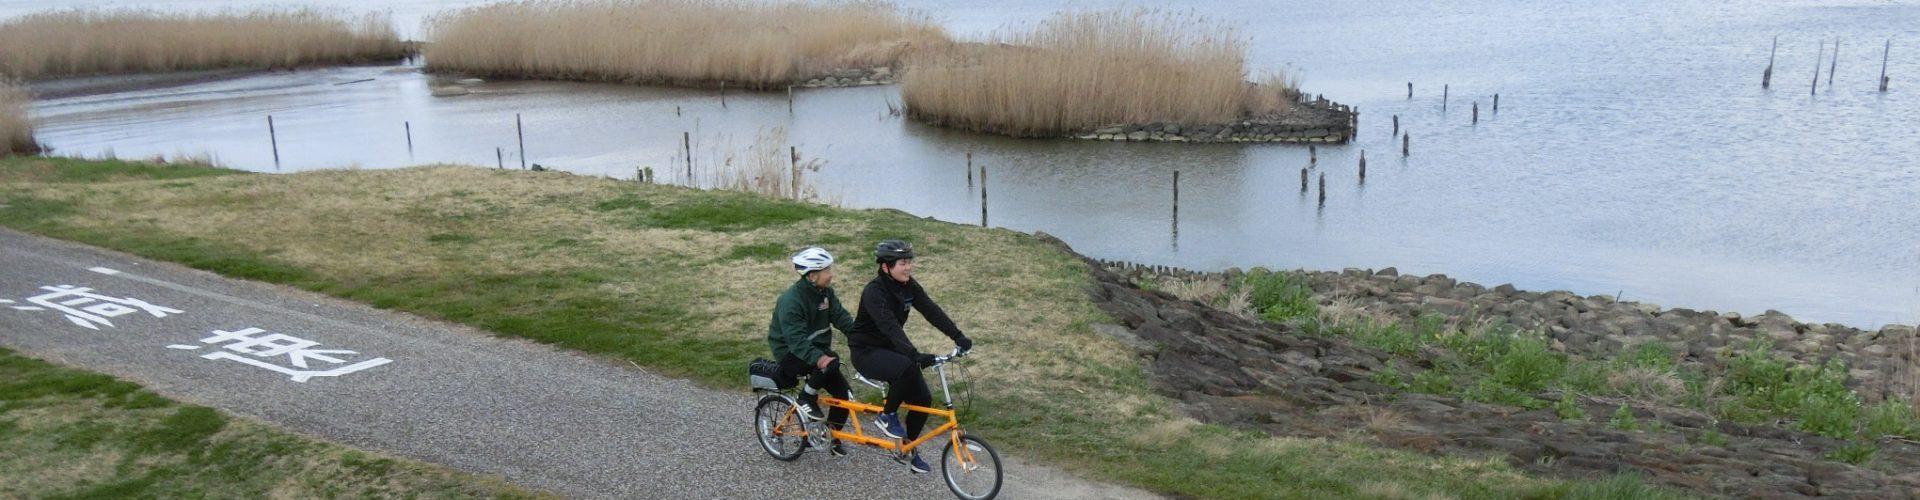 令和2年3月タンデム自転車走行会(湖遊館・斐伊川土手周辺)の写真